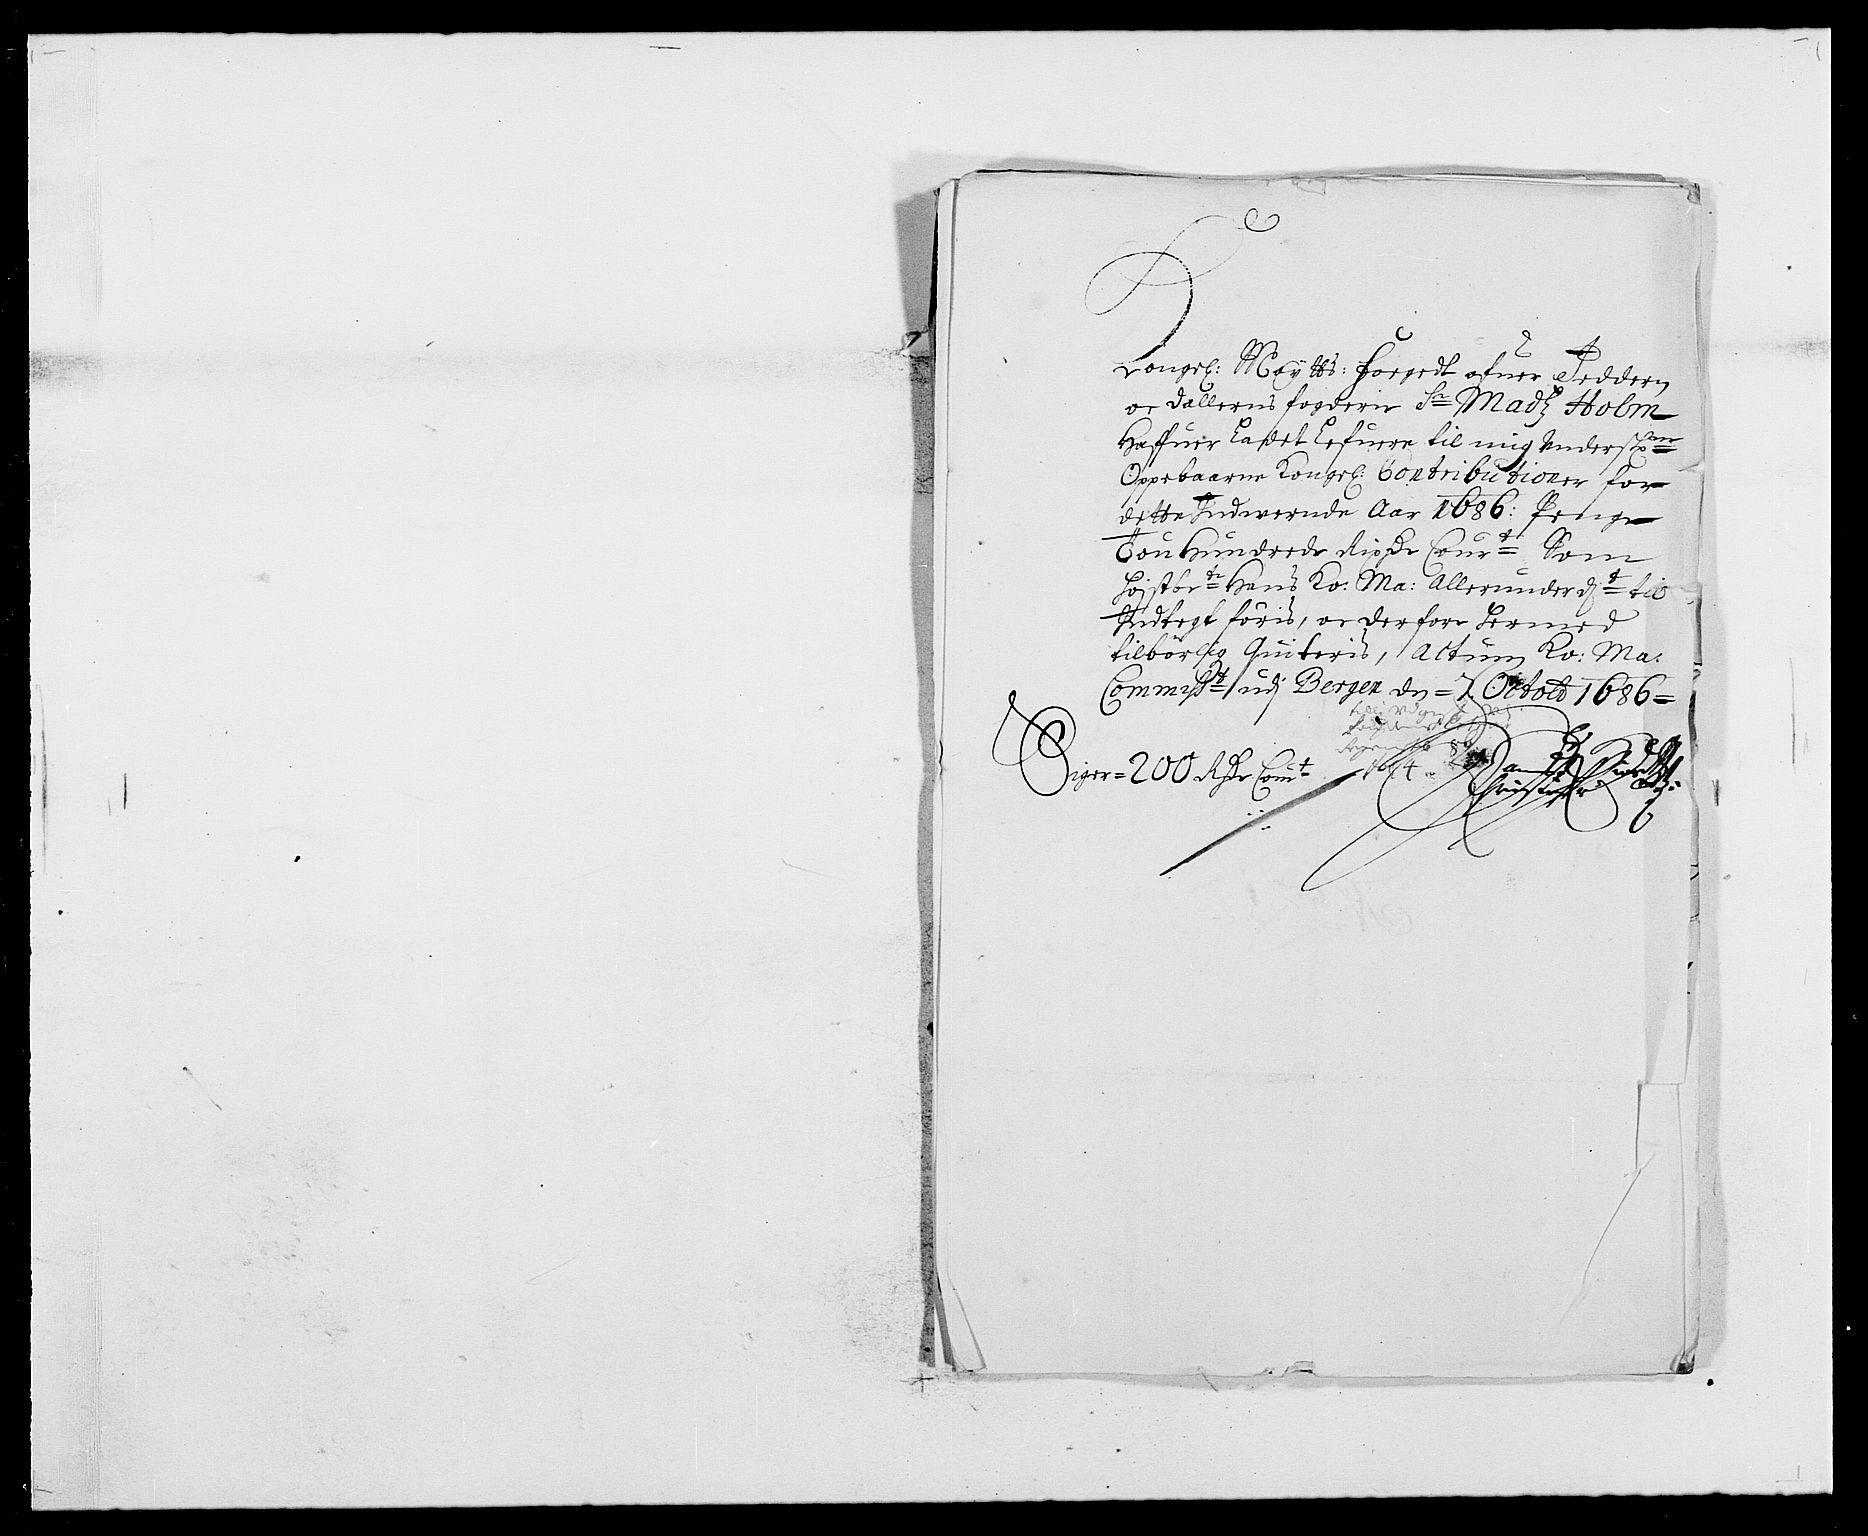 RA, Rentekammeret inntil 1814, Reviderte regnskaper, Fogderegnskap, R46/L2726: Fogderegnskap Jæren og Dalane, 1686-1689, s. 91